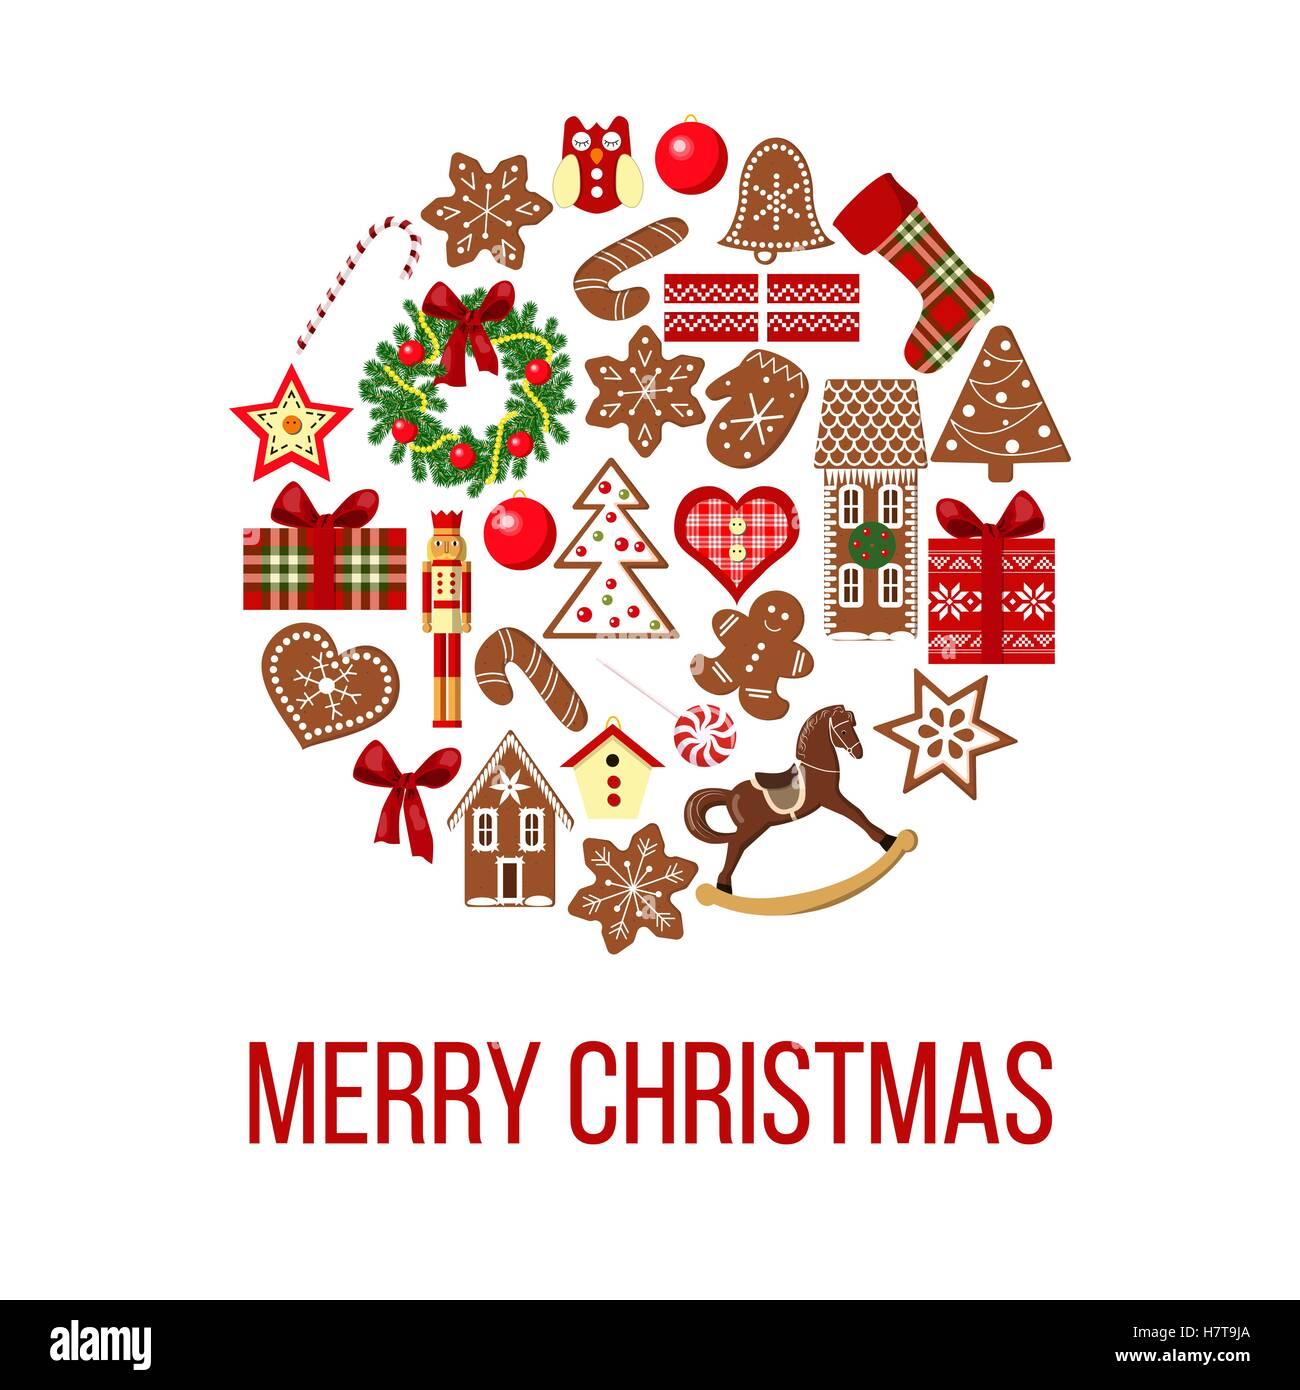 Carte De Noel Droles.Carte De Noël Objets Drôles Sur Bauble Forme Fond De Carte